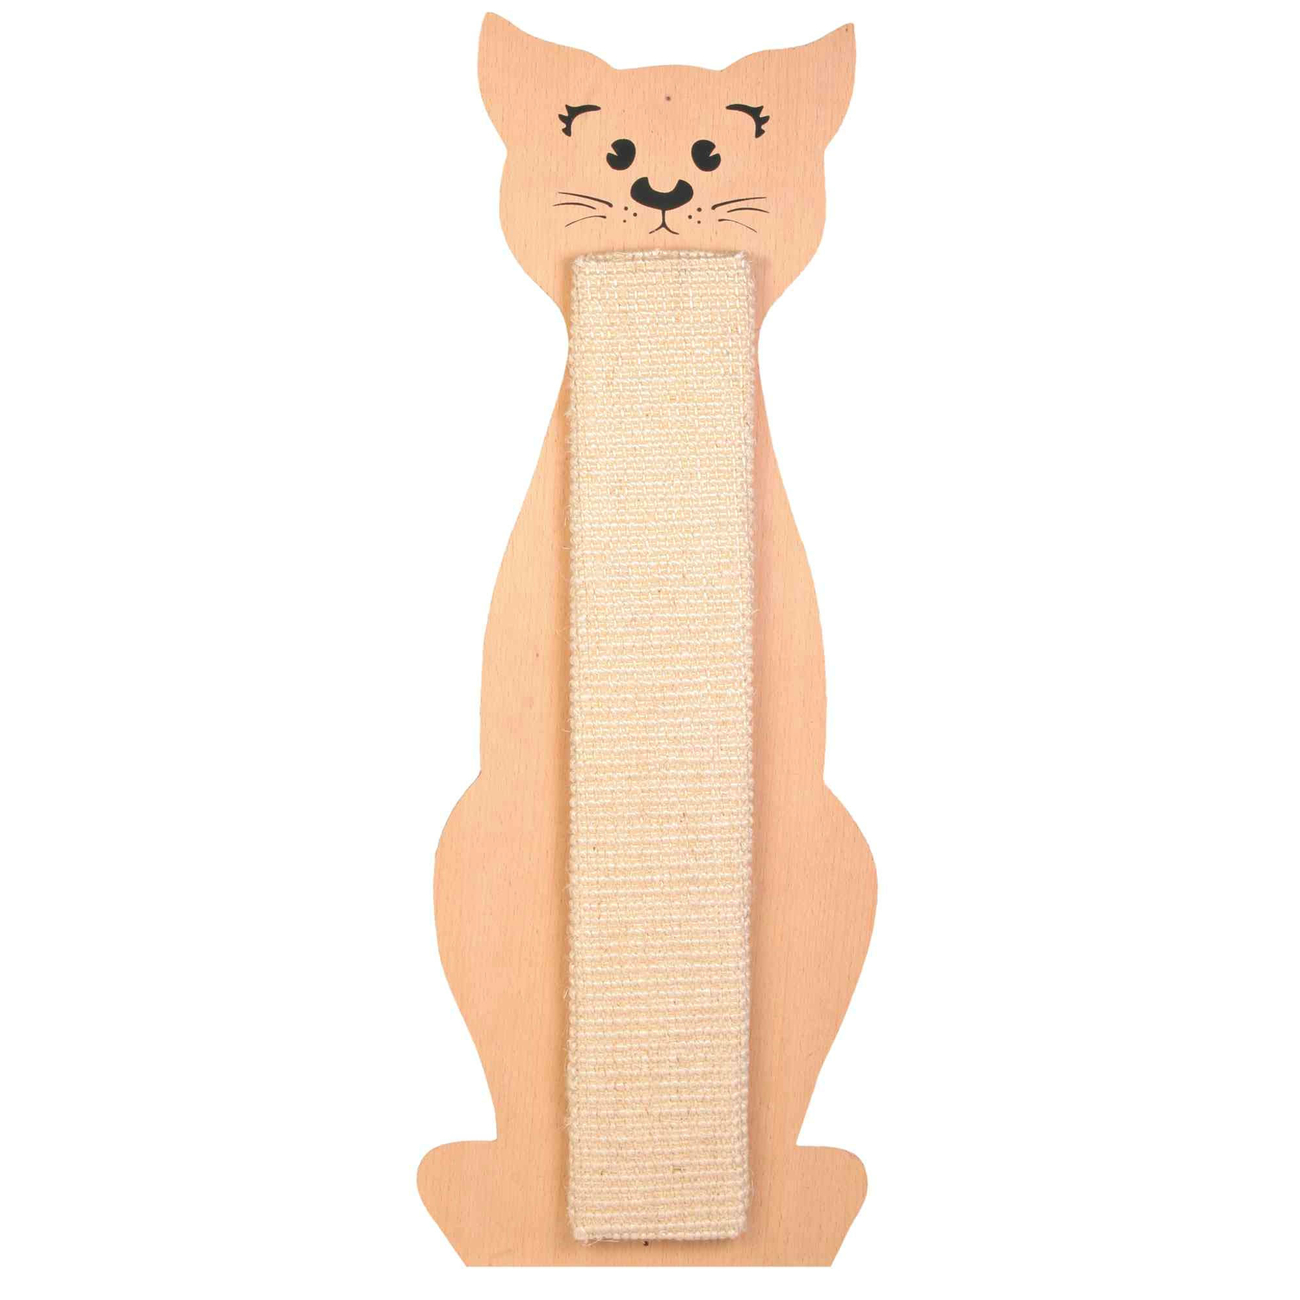 TRIXIE Kratzbrett Katze Sisal 43161